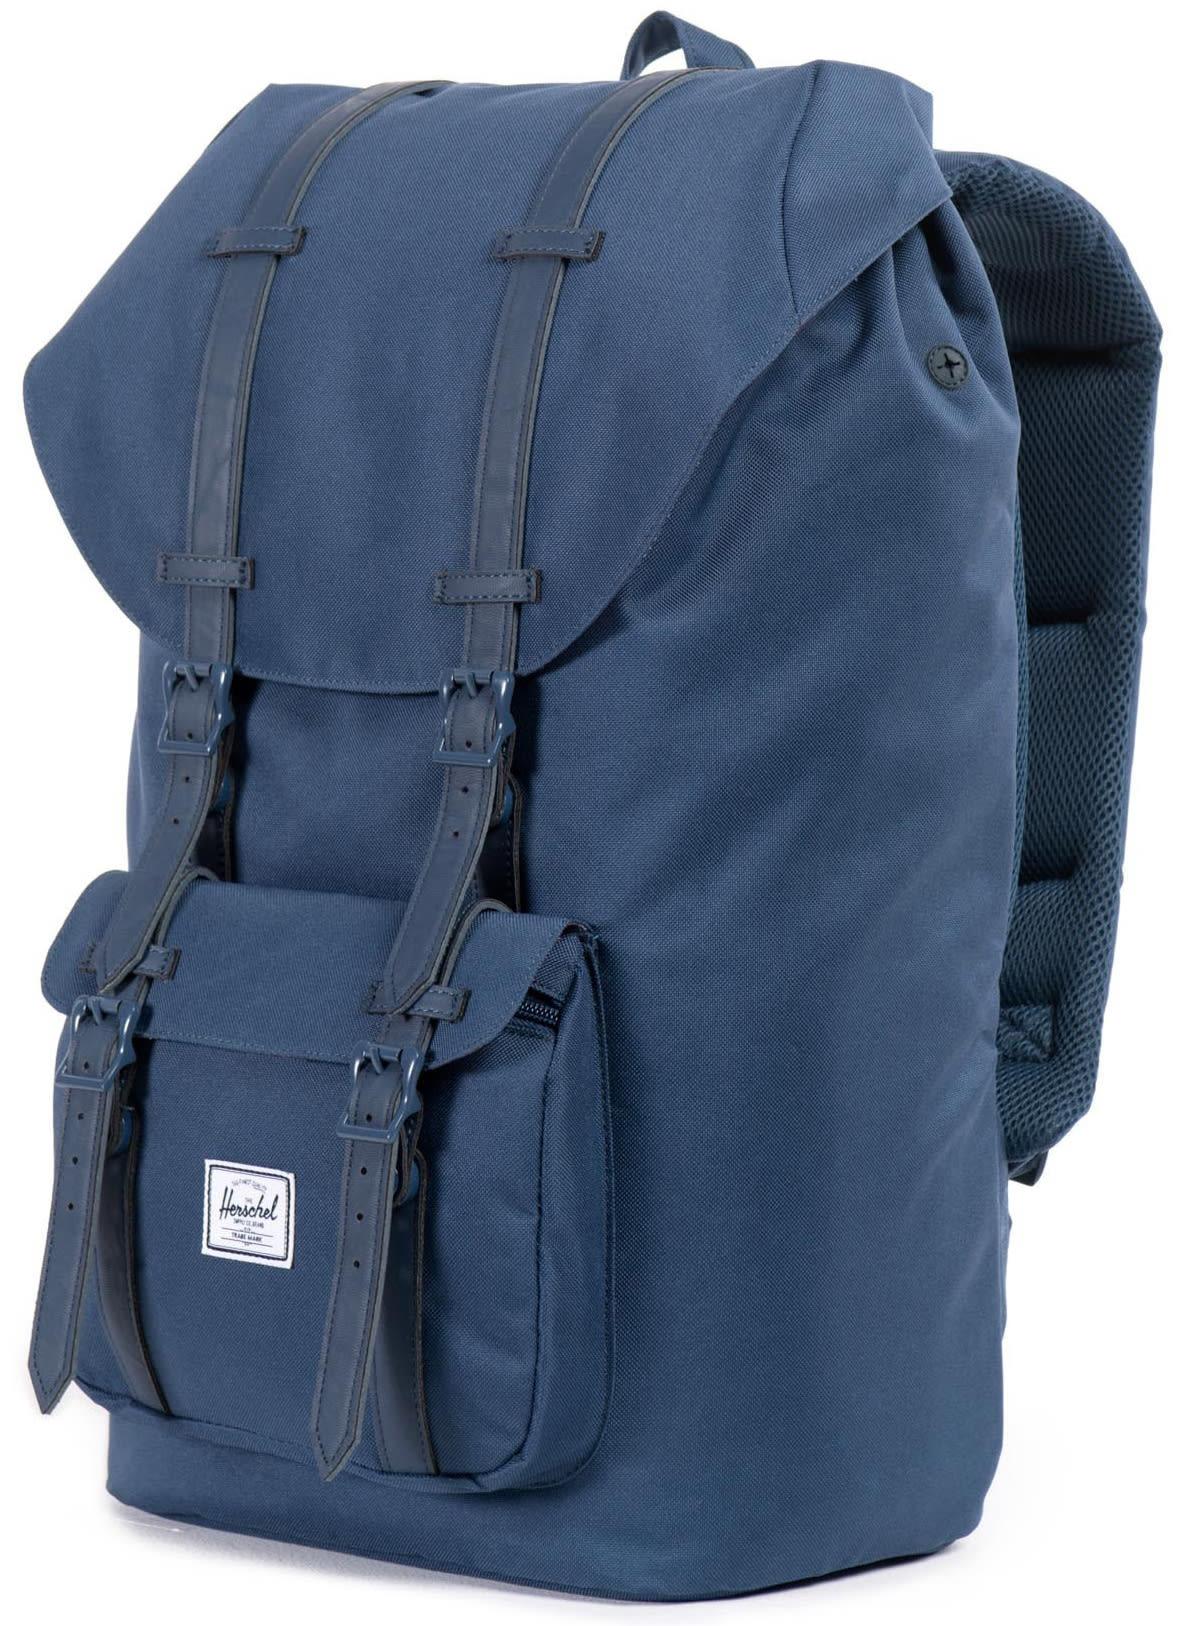 on sale herschel little america backpack up to 45 off. Black Bedroom Furniture Sets. Home Design Ideas